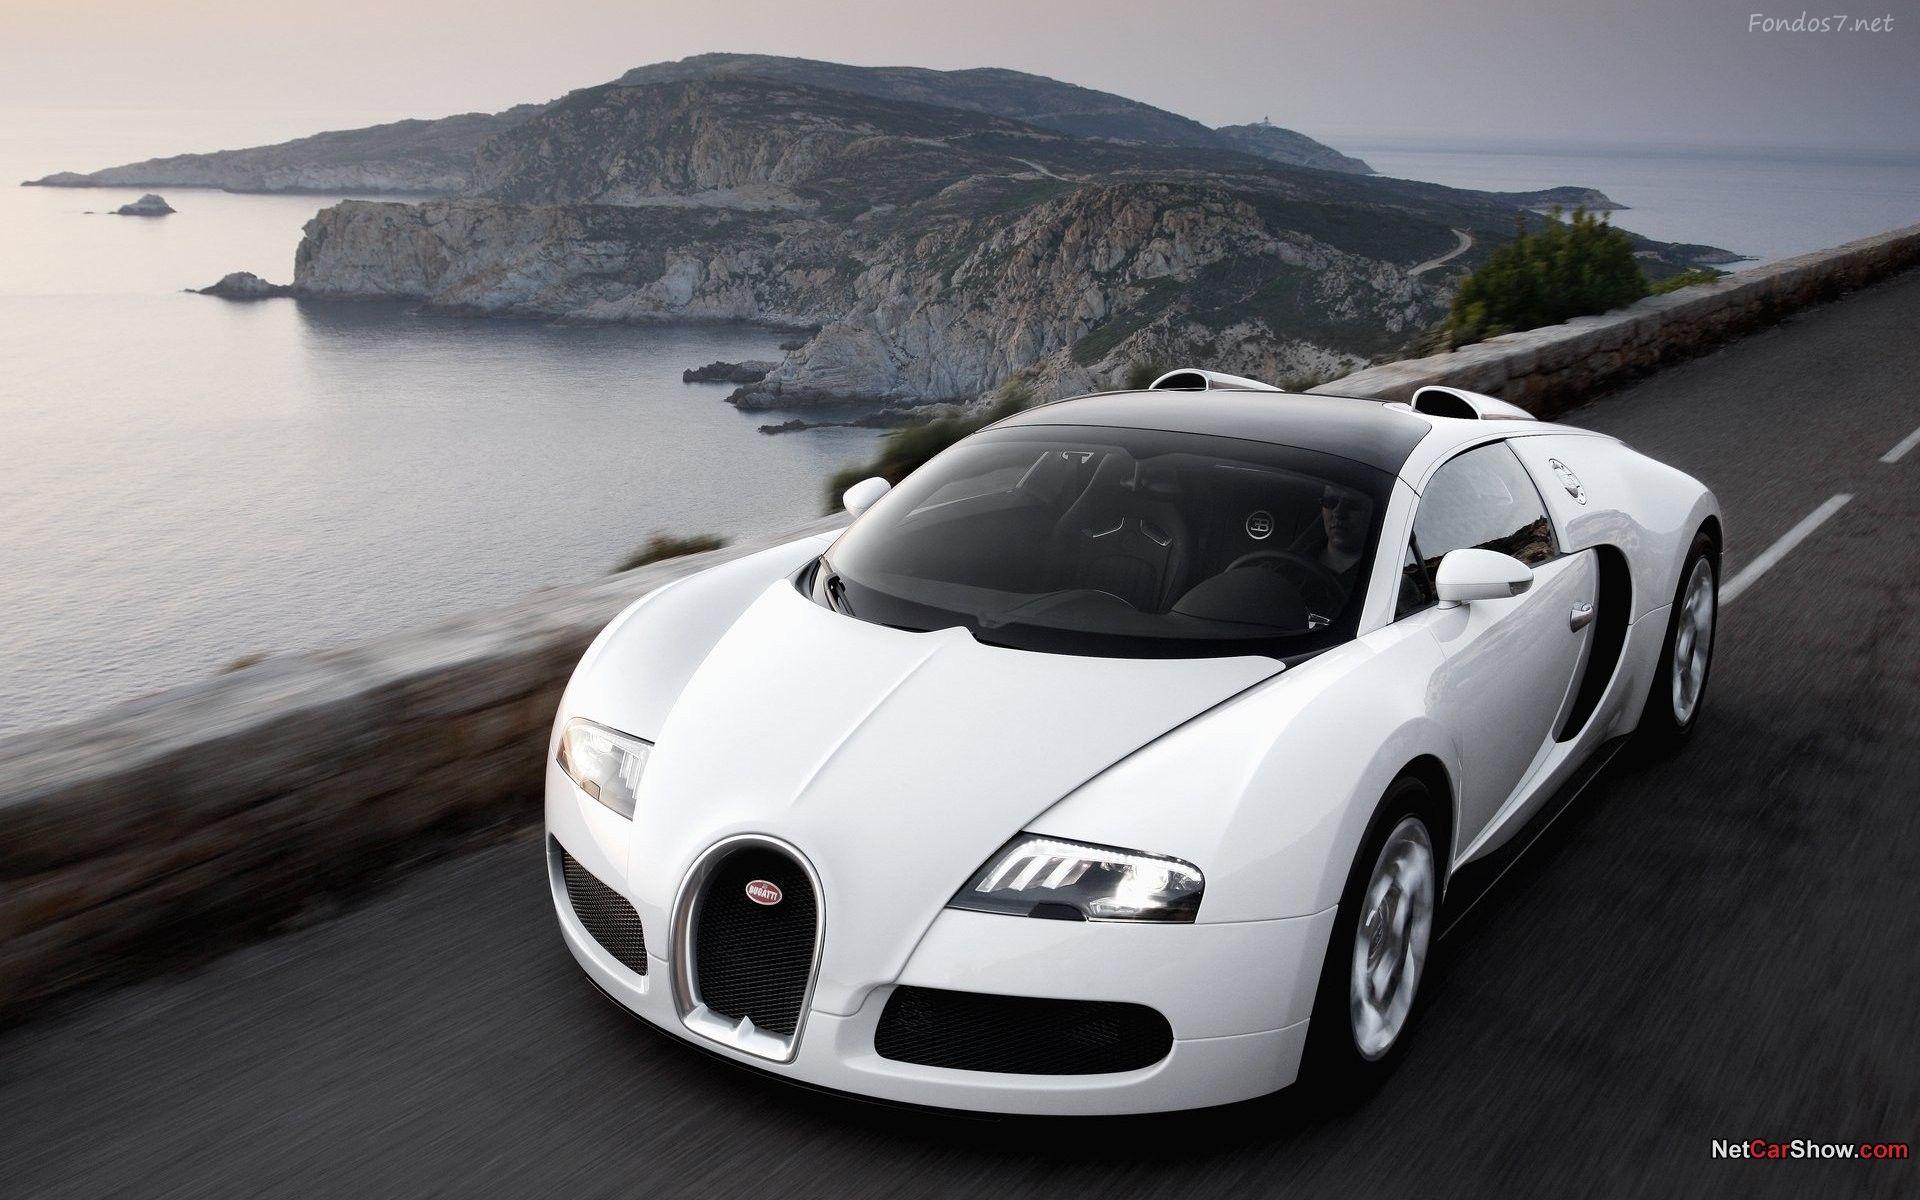 Top Hd Wallpapers Bugatti Veyron Wallpaper Bugatti Veyron Bugatti Veyron Super Sport Bugatti Veyron 16